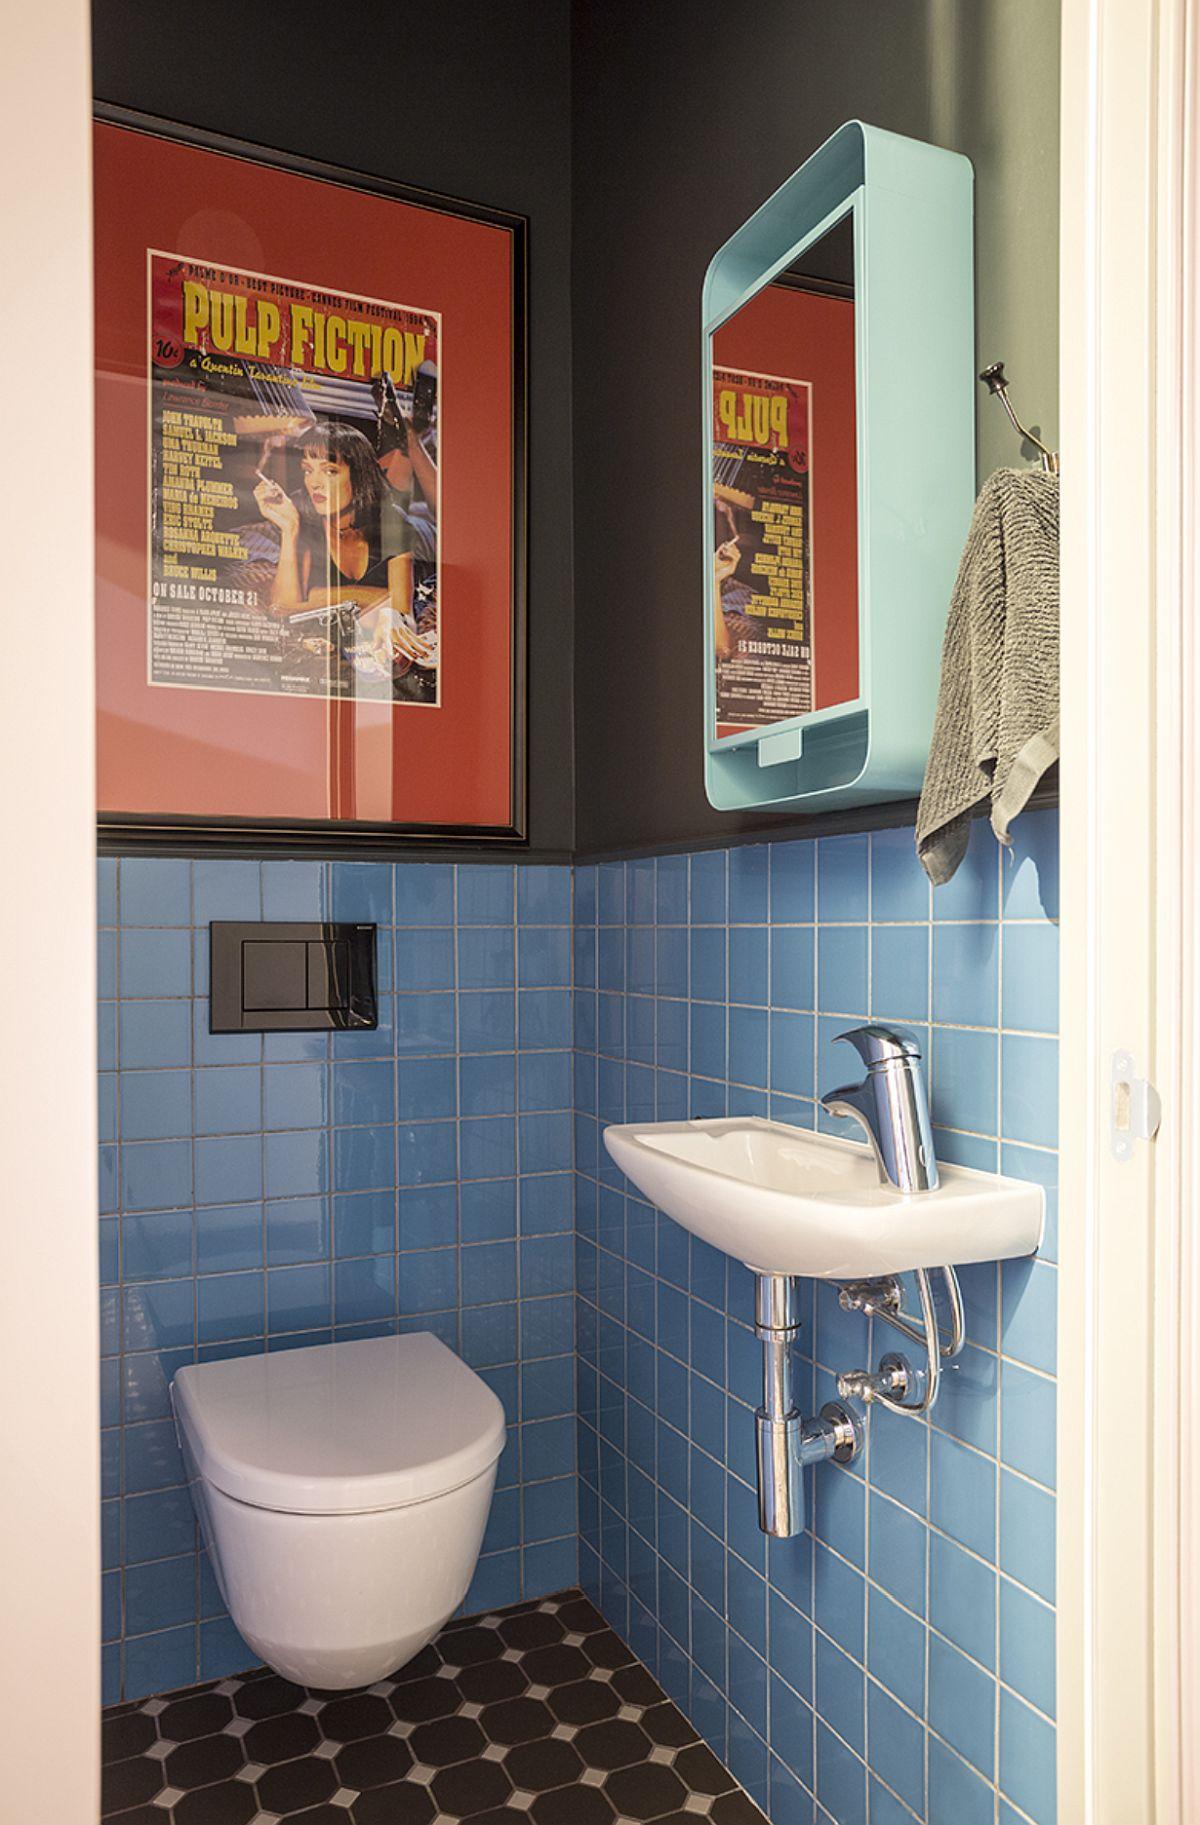 Toaleta de serviciu este configurată cu obiecte sanitare de mici dimensiuni pentru ca spațiul mic să fie exploatat la maximum.